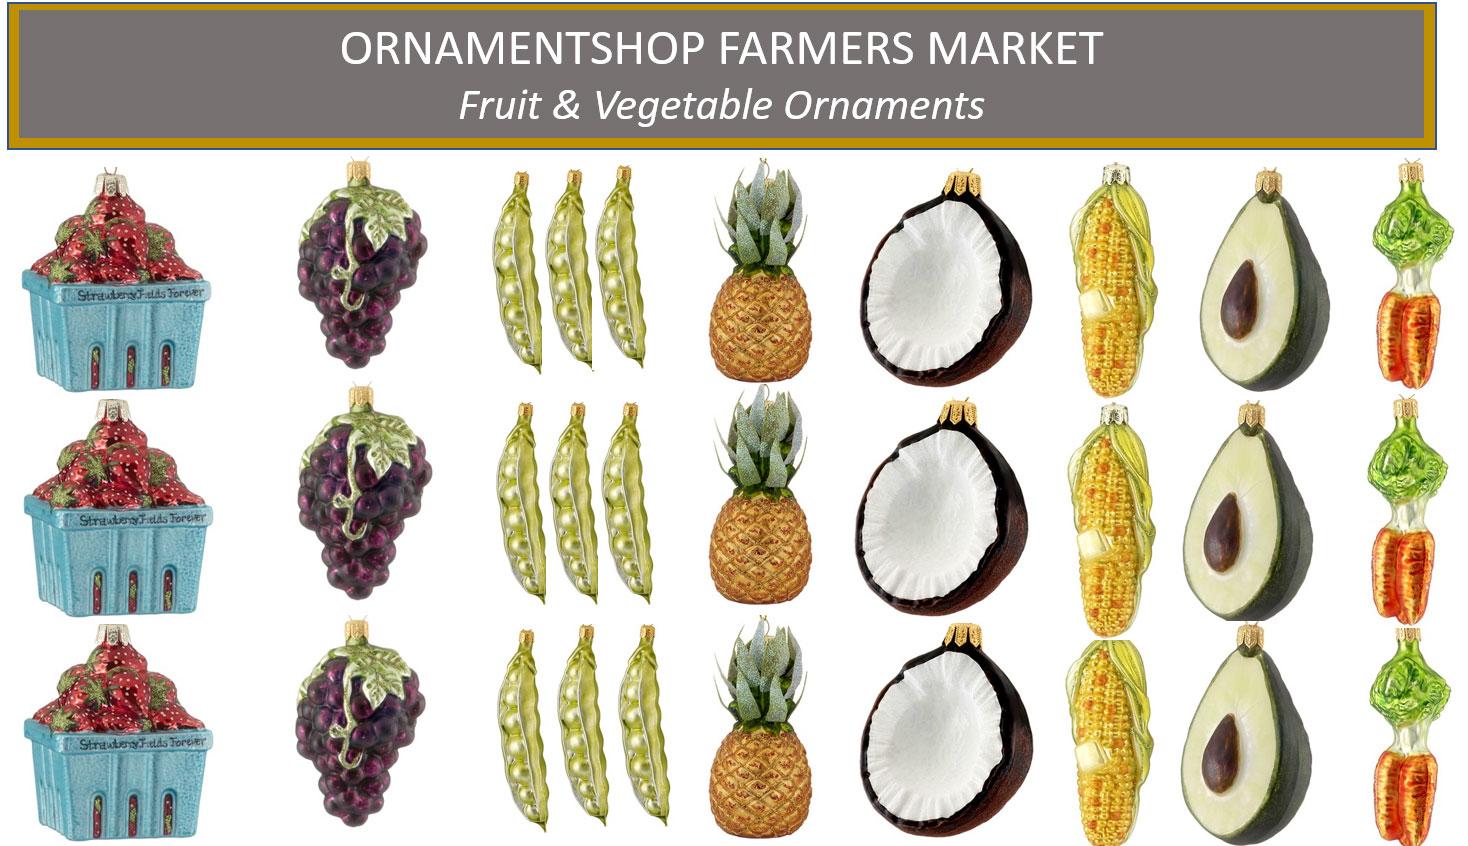 Fruit & Vegetable Ornament Collage | Ornament Shop